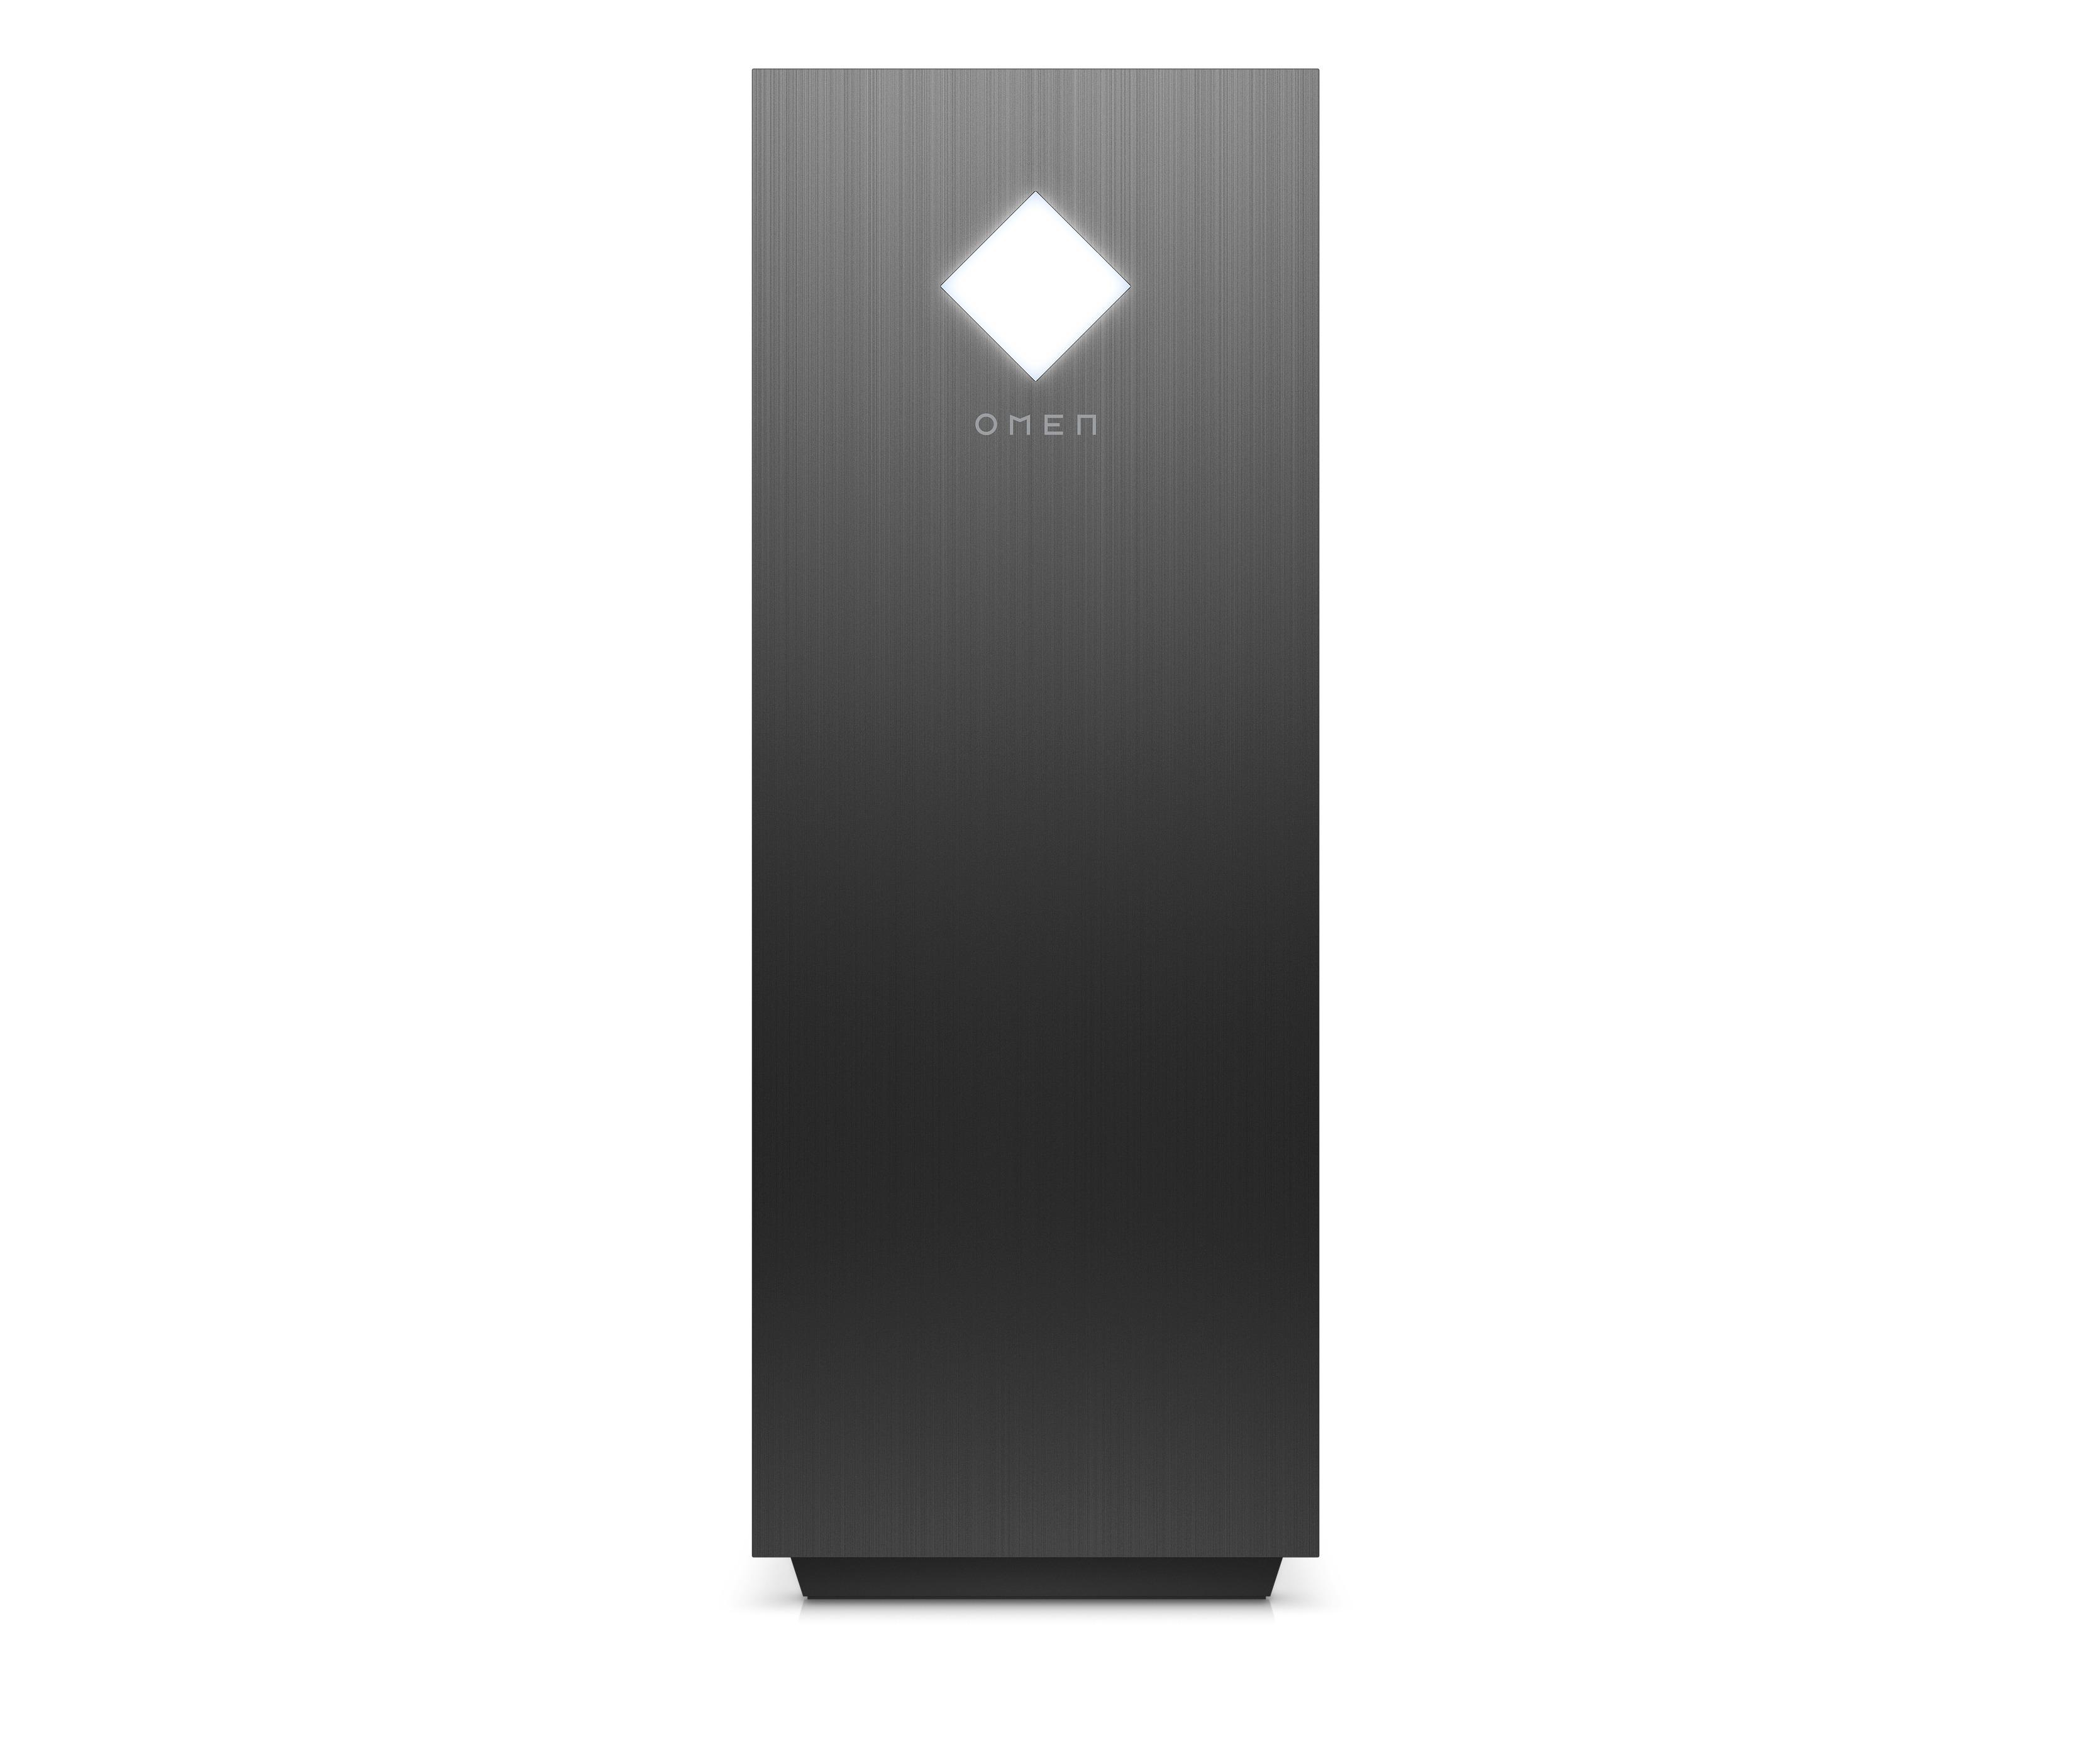 HP OMEN by GT12-0450nd Desktop